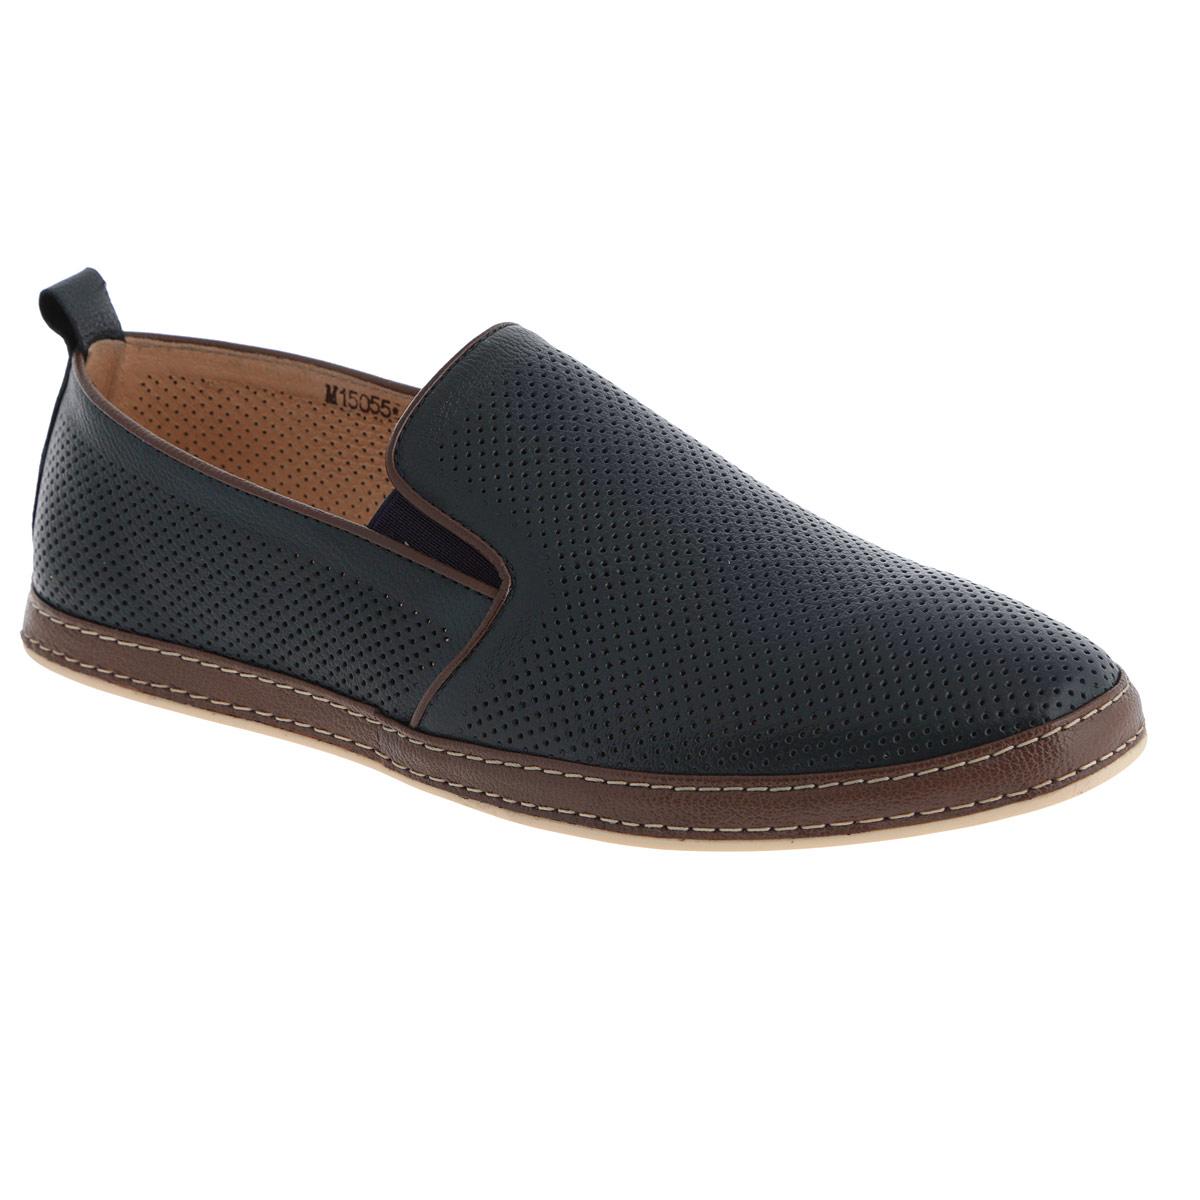 M15055*Стильные мужские слипоны Vitacci займут достойное место среди вашей коллекции обуви. Модель изготовлена из натуральной высококачественной кожи и декорирована вставкой из натуральной кожи другого цвета с двойной прострочкой вдоль ранта, задним наружным ремнем. Перфорация обеспечивает отличную вентиляцию, позволяет ногам дышать. Резинки, расположенные на подъеме, гарантируют оптимальную посадку модели на ноге. Съемная стелька из материала EVA с внешней поверхностью из натуральной кожи комфортна при движении. Рифленая поверхность подошвы защищает изделие от скольжения. Модные слипоны покорят вас своим дизайном и удобством.